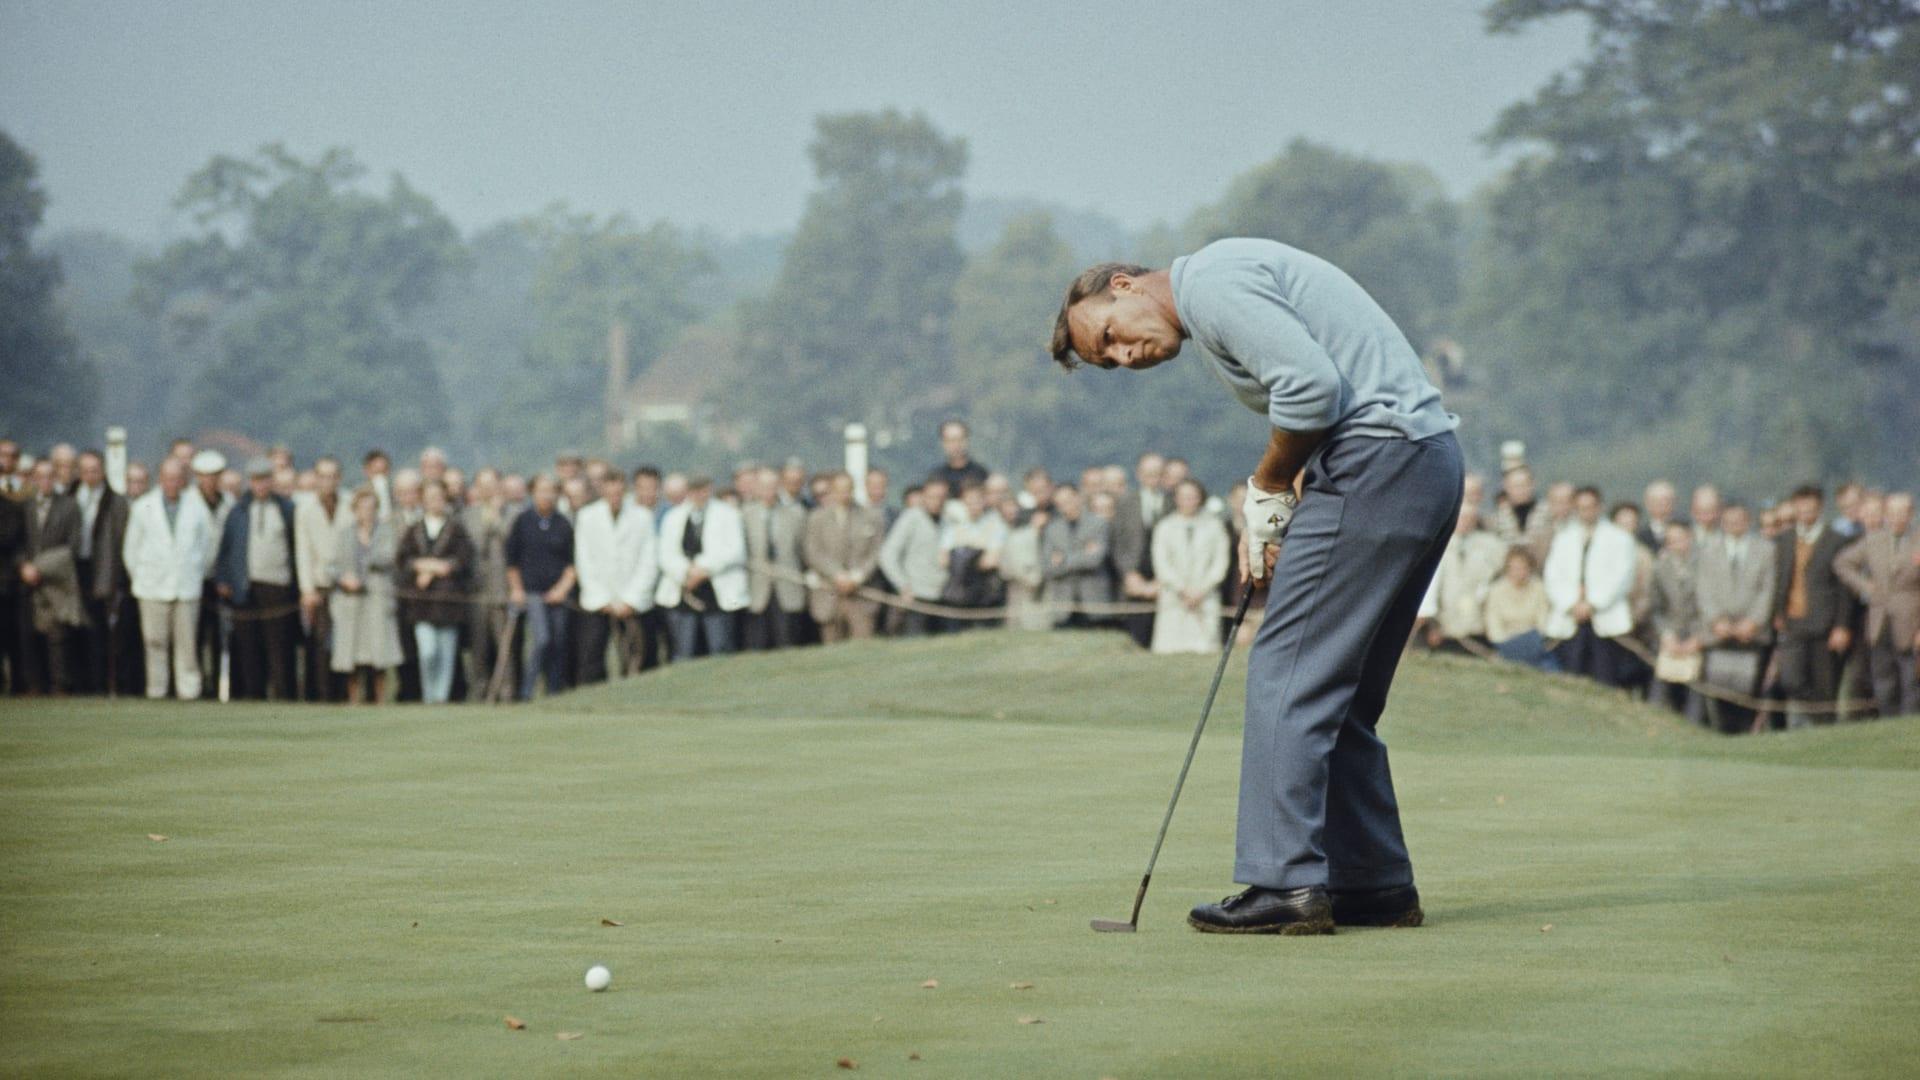 """من نشأته المتواضعة.. هكذا أصبح أسطورة الغولف أرنولد بالمر أحد أول """"المؤثرين الاجتماعيين"""""""